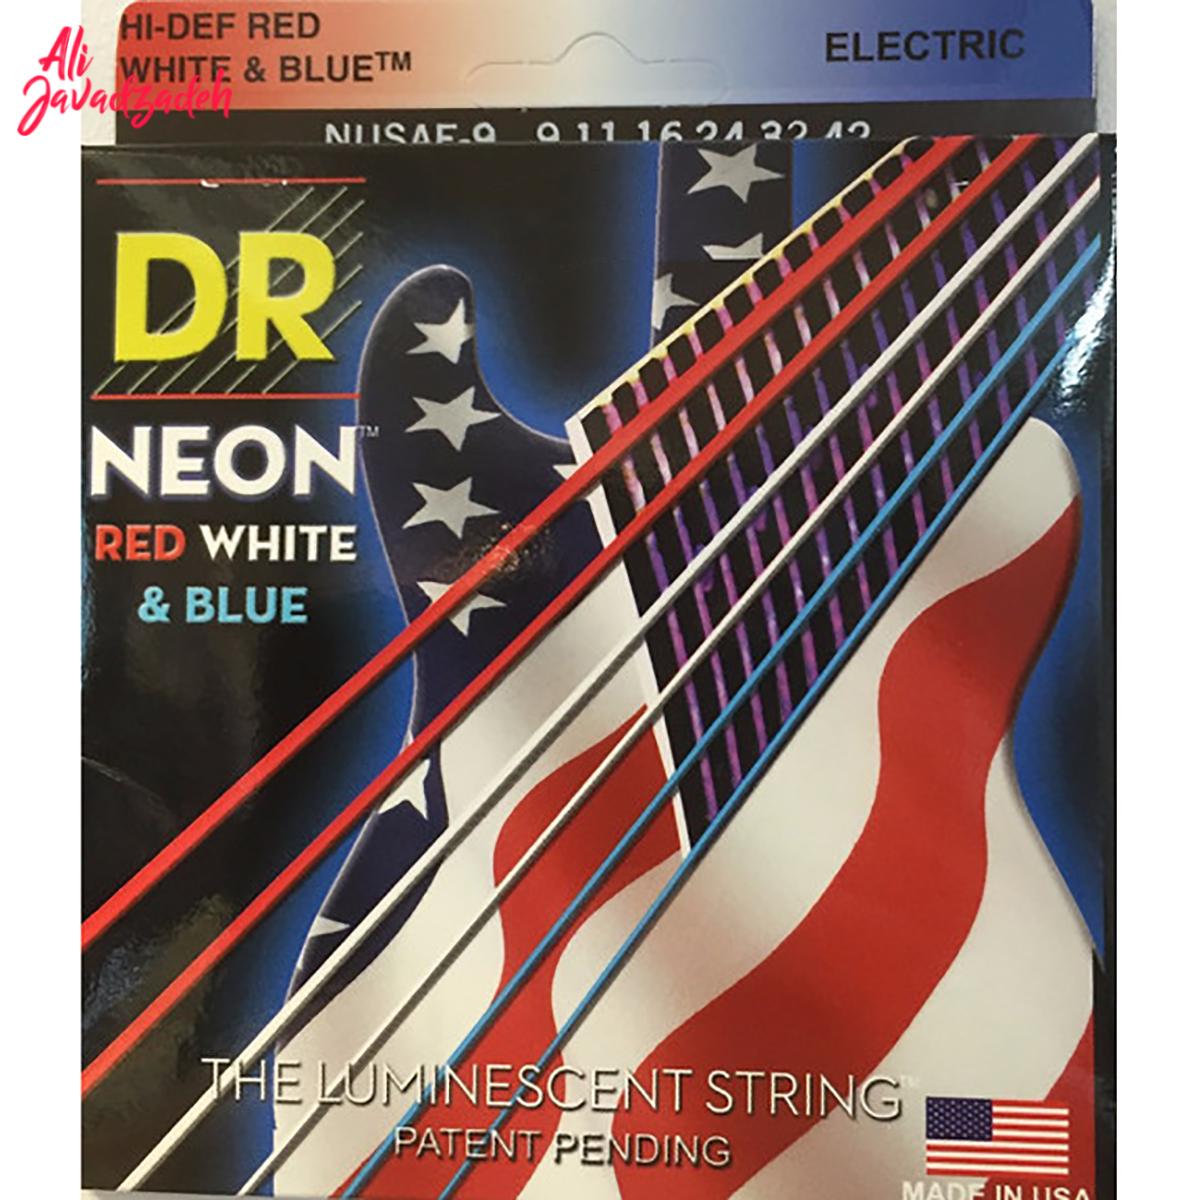 سیم گیتار الکتریک دی آر مدل نئون قرمز سفید آبی